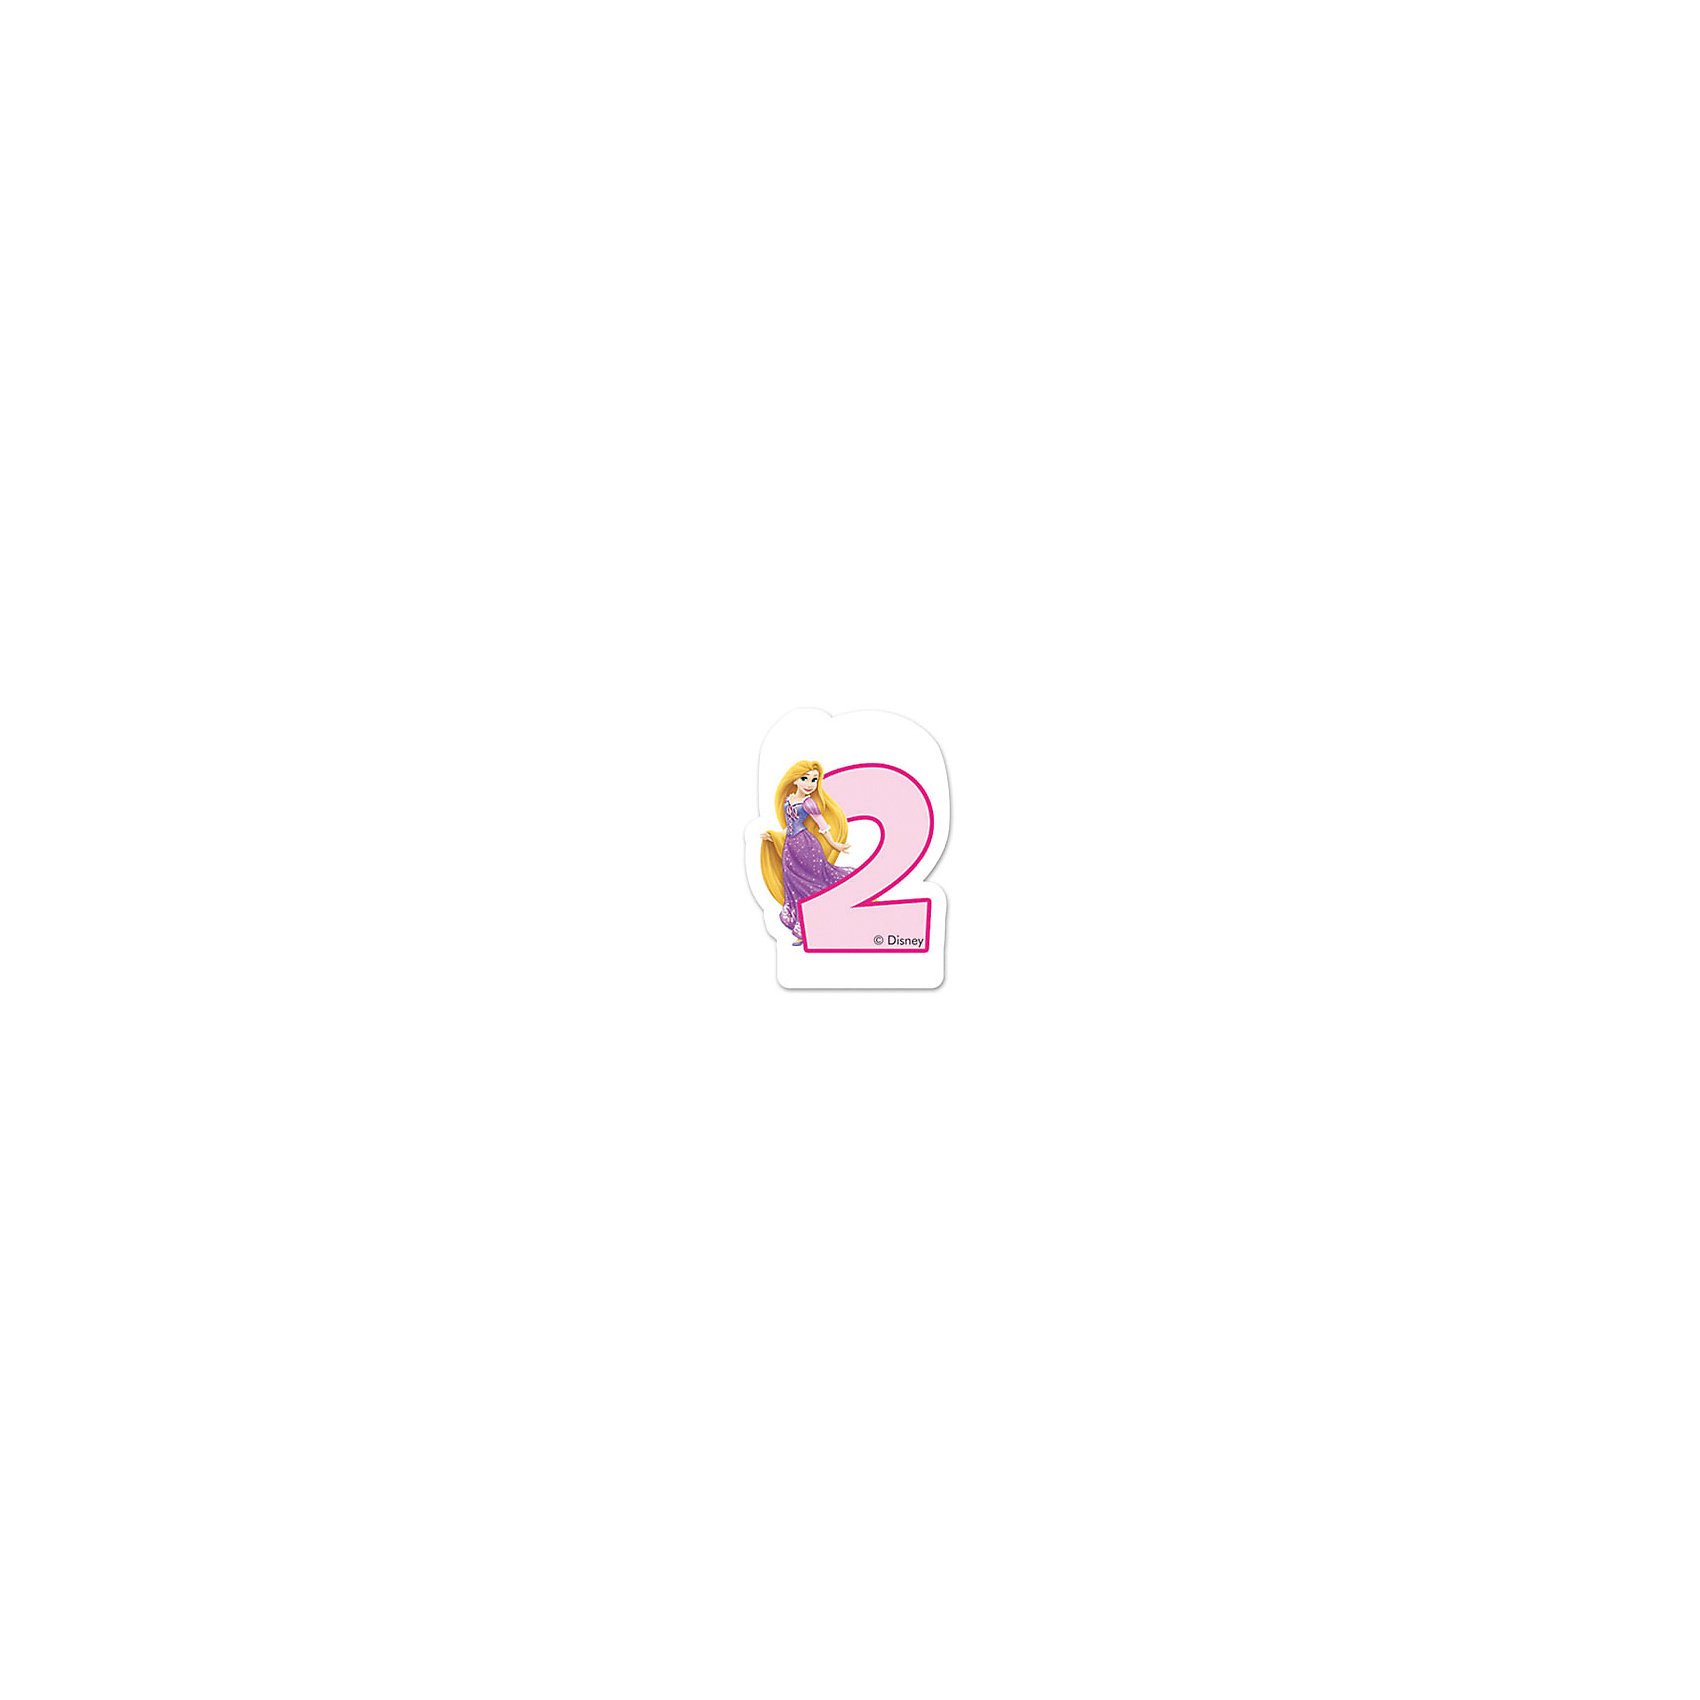 Объемная свечка Рапунцель, 2 года, Принцессы ДиснейСвечка с Рапунцель украсит праздничный торт малышки, которая отмечает свой 2-й день рождения.<br>Каждая именинница ждет своего праздничного торта со свечками, которые можно задуть и загадать желание. Вашей малышке будет особенно приятно видеть свечки с фигурками любимых сказочных Принцесс Диснея (Disney Princess).<br><br>Дополнительная информация:<br><br>Размеры упаковки: 26 х 88 х 130 мм<br><br>Объемную свечку Рапунцель, 2 года, Disney Princess (Принцессы Дисней) можно купить в нашем магазине.<br><br>Ширина мм: 26<br>Глубина мм: 88<br>Высота мм: 130<br>Вес г: 150<br>Возраст от месяцев: 24<br>Возраст до месяцев: 144<br>Пол: Женский<br>Возраст: Детский<br>SKU: 4145610